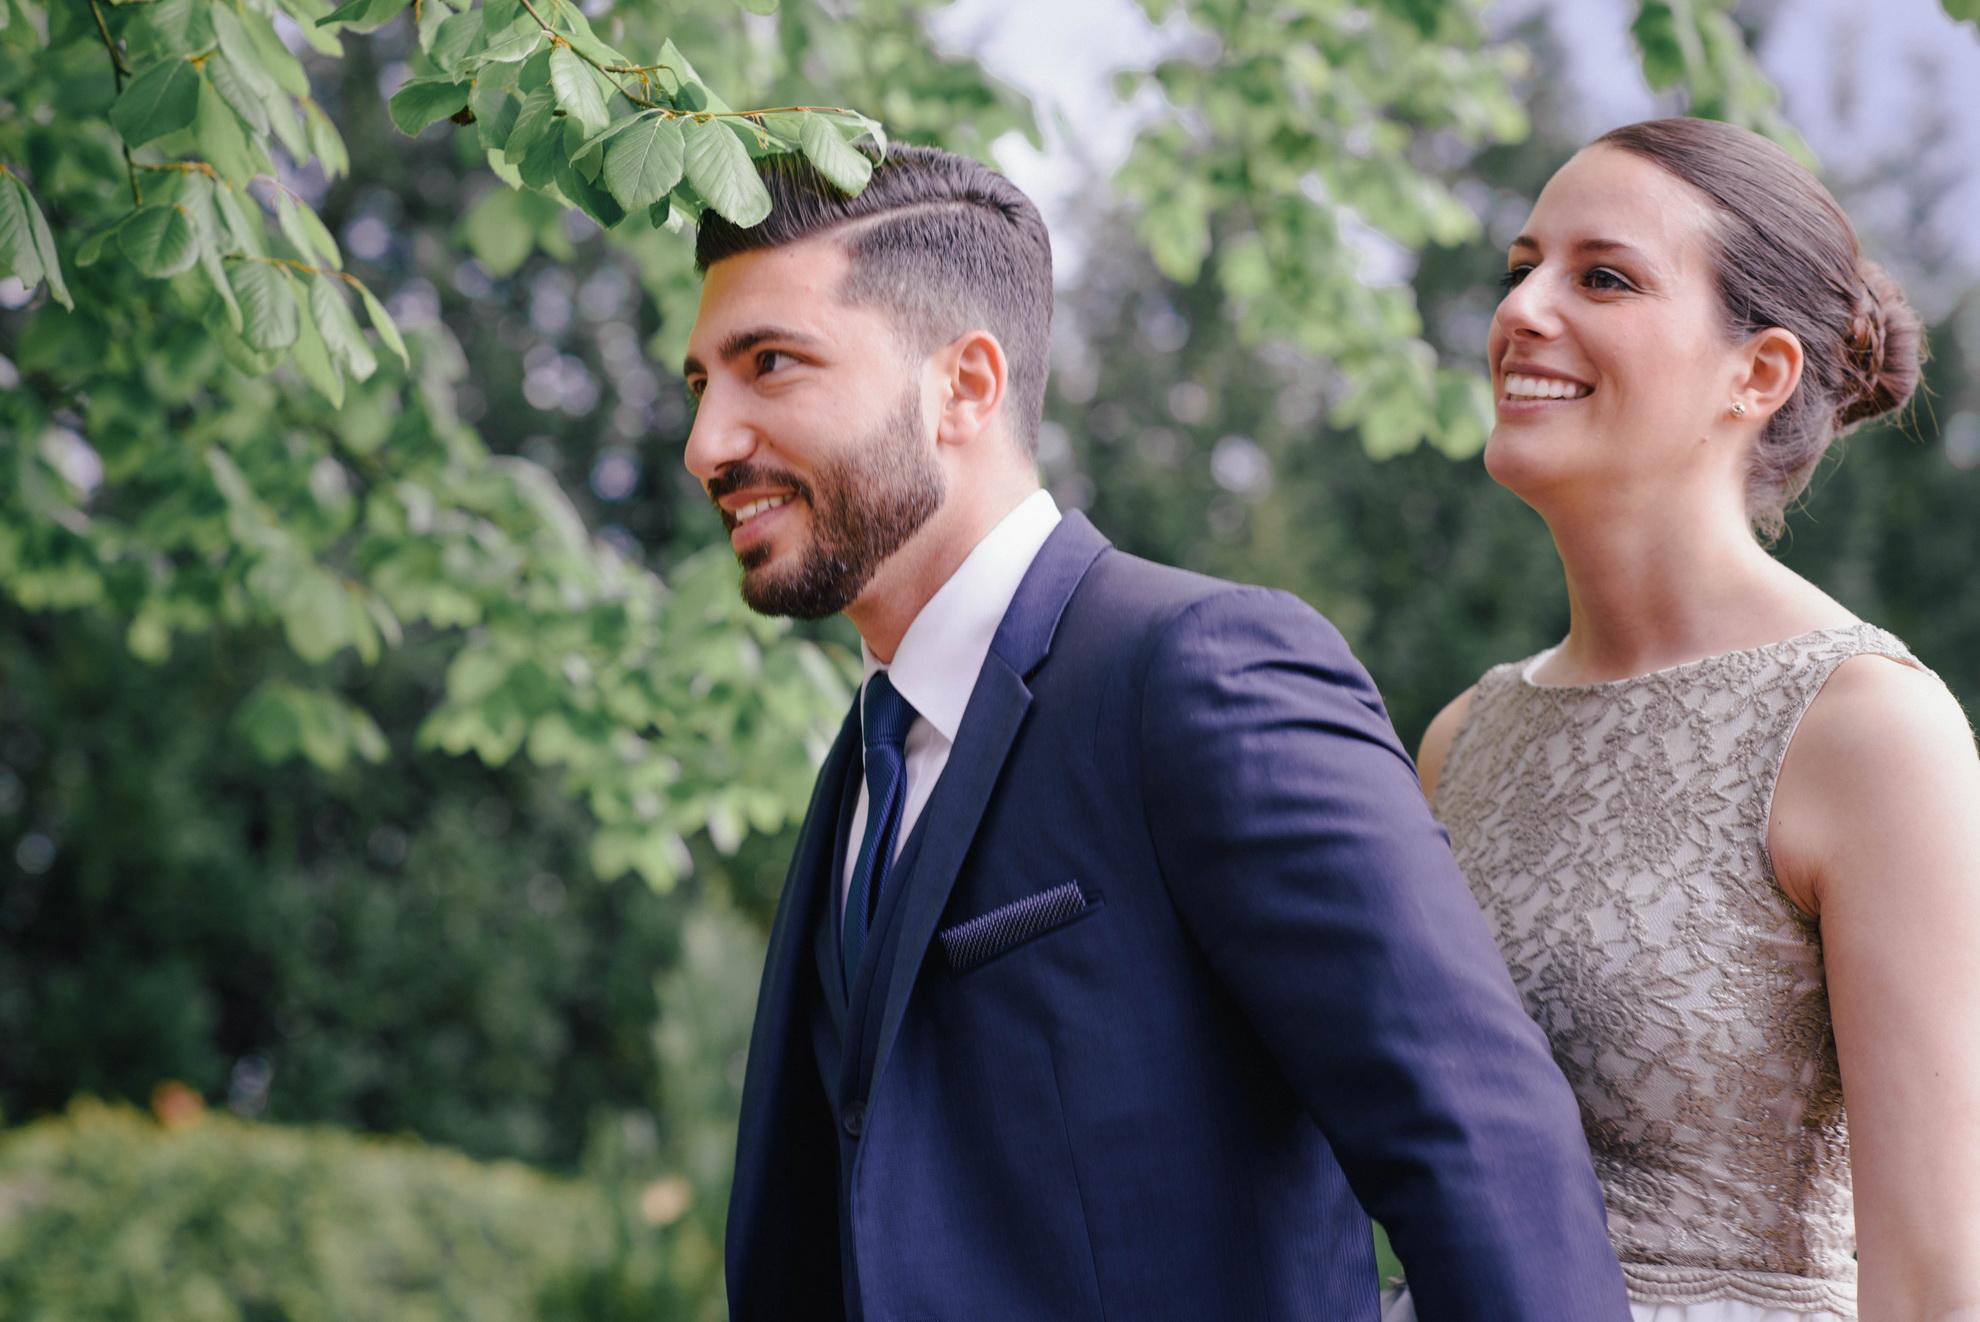 Lena und Bertan 32 Wedding Hochzeit Couple Paar Liebe Claudia Sittig Photography G1980-1322